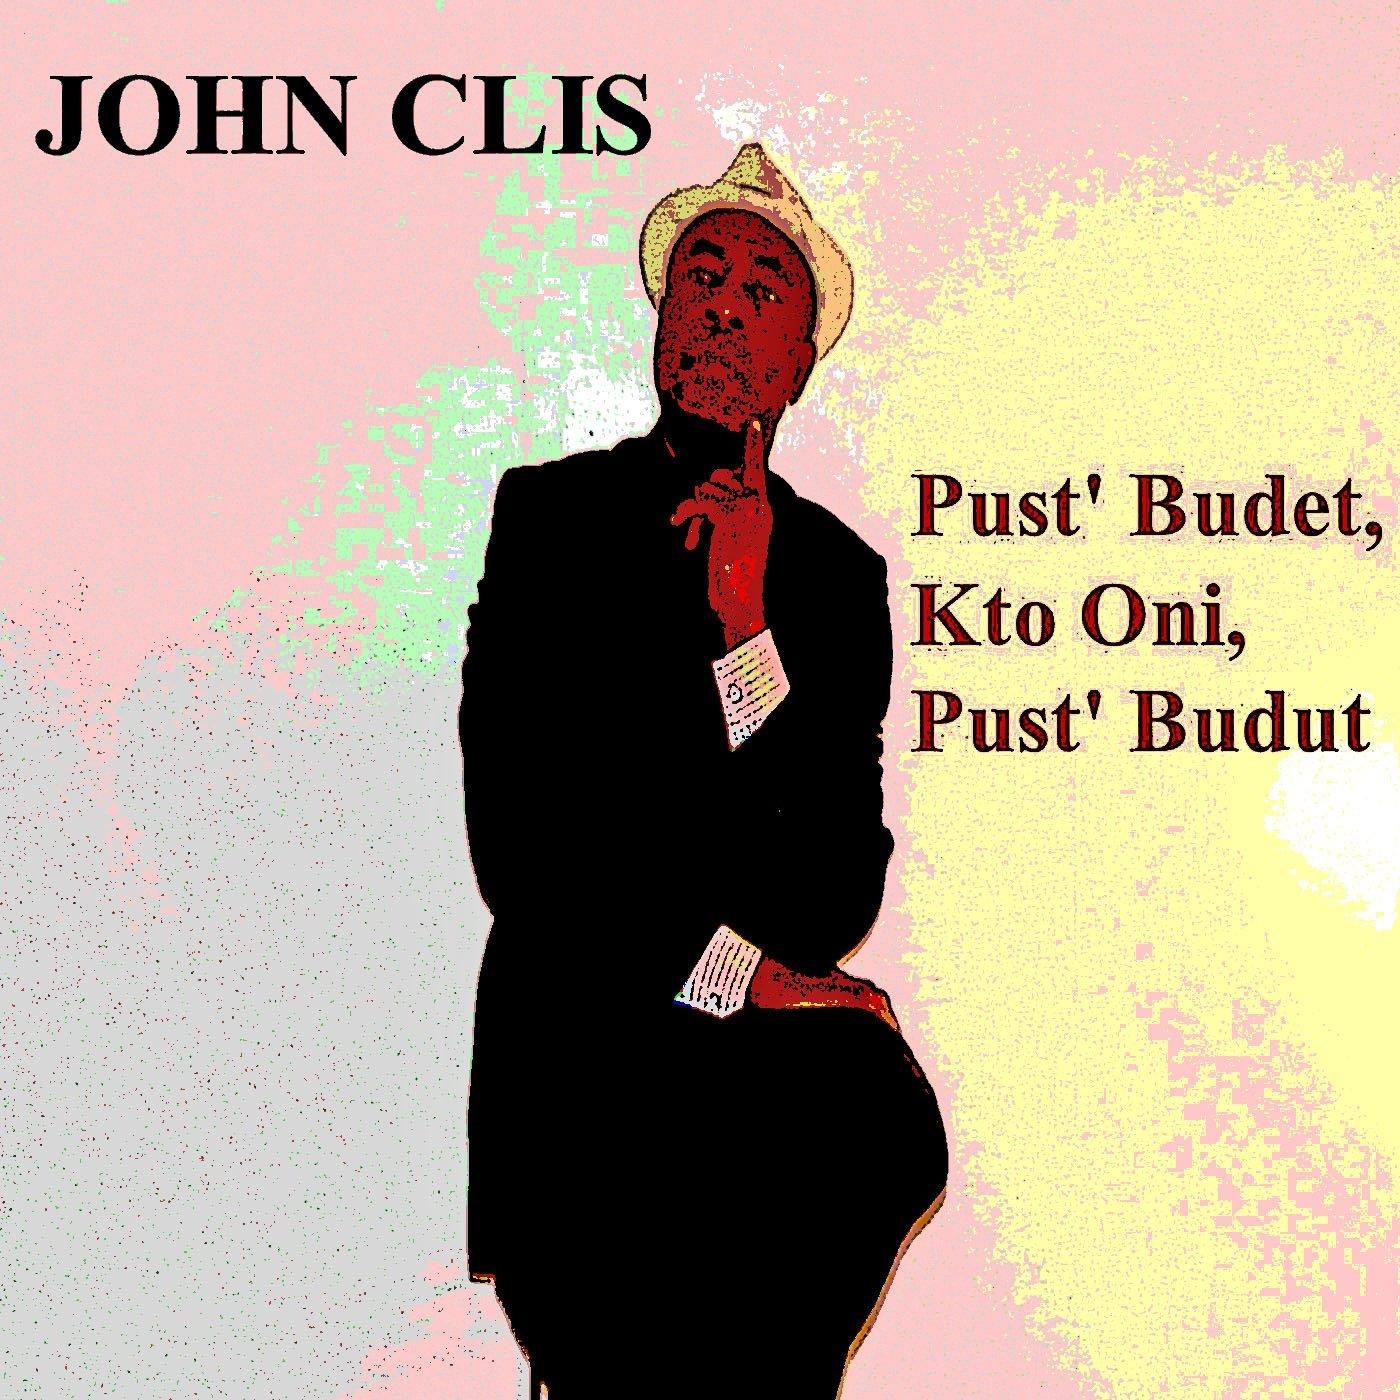 https://0201.nccdn.net/1_2/000/000/144/534/John-Clis---Pust--Budet---Photo-1400x1400.jpg